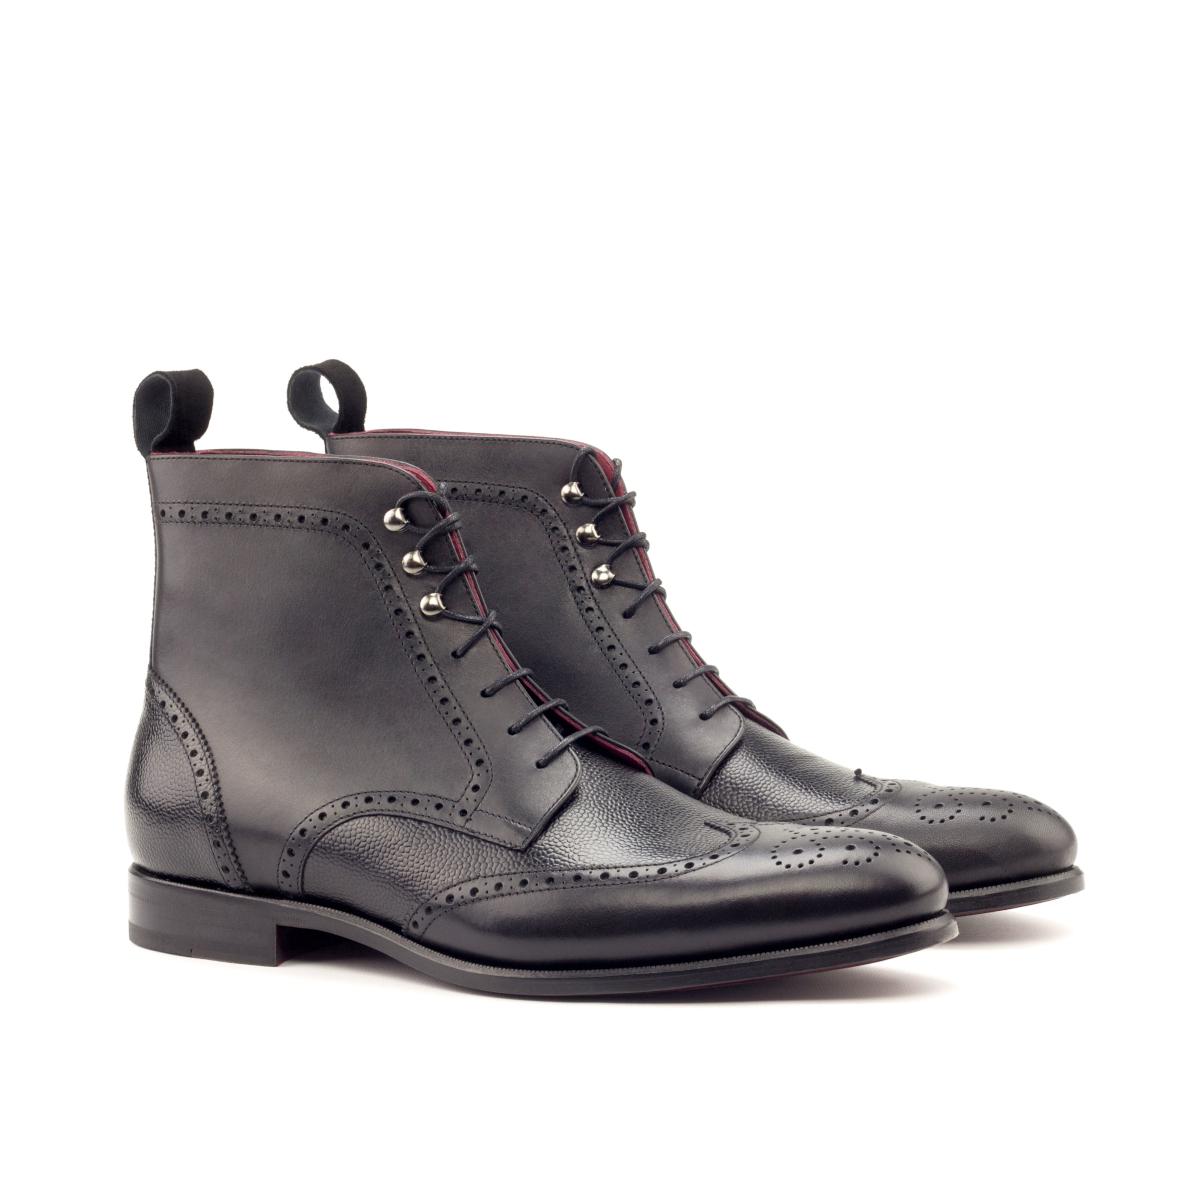 Black box calf wingtip boots